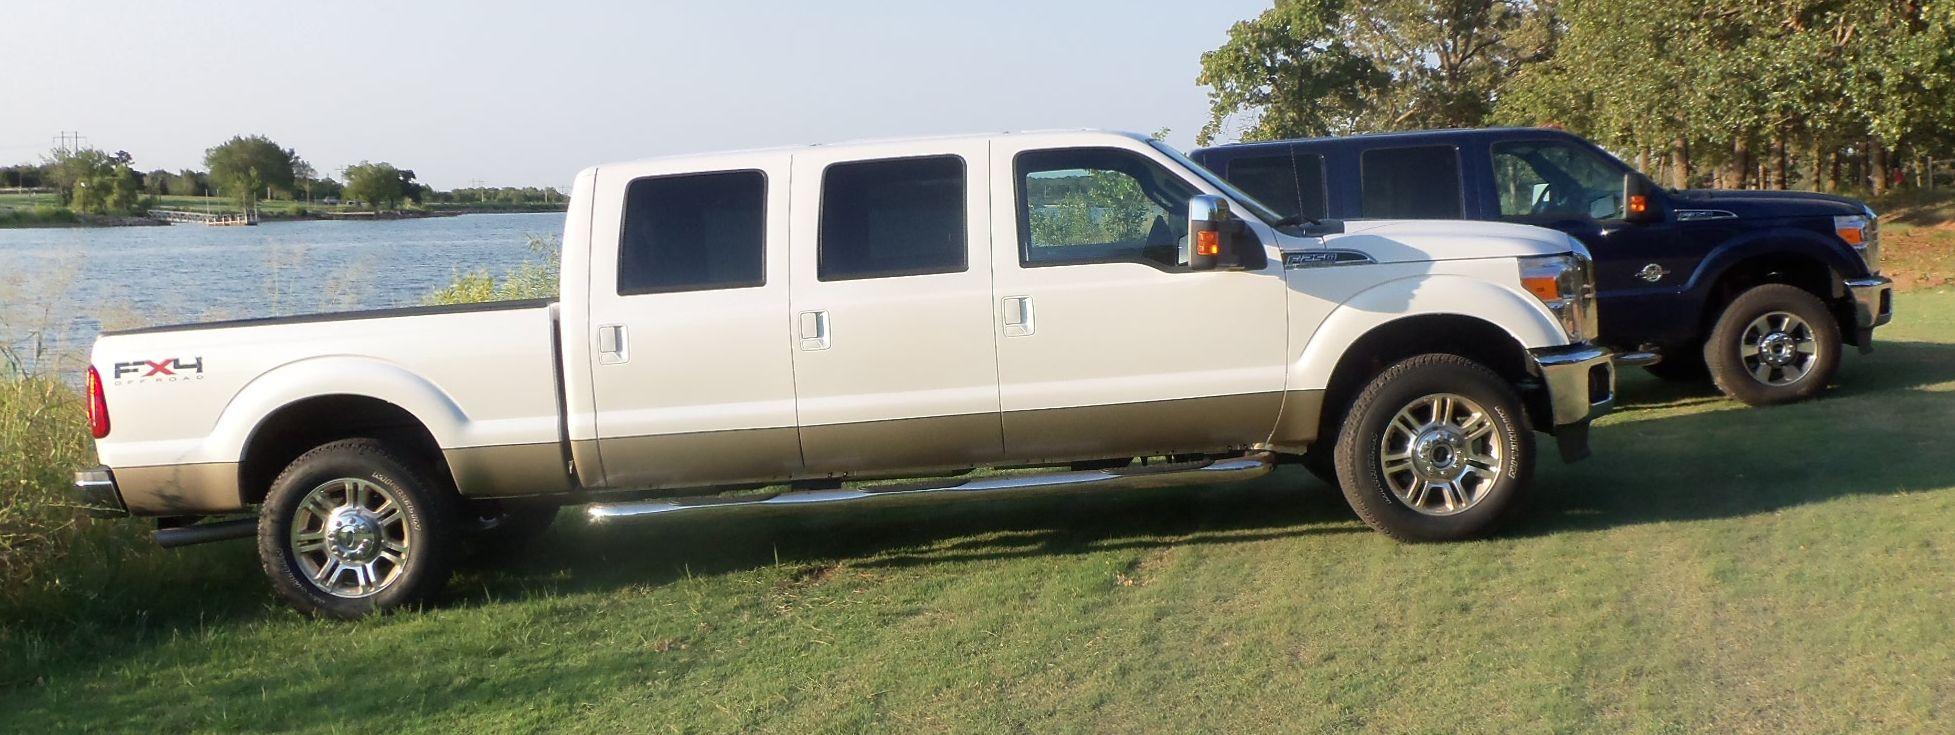 Six Door Truck >> 2011 Six Door Truck for sell